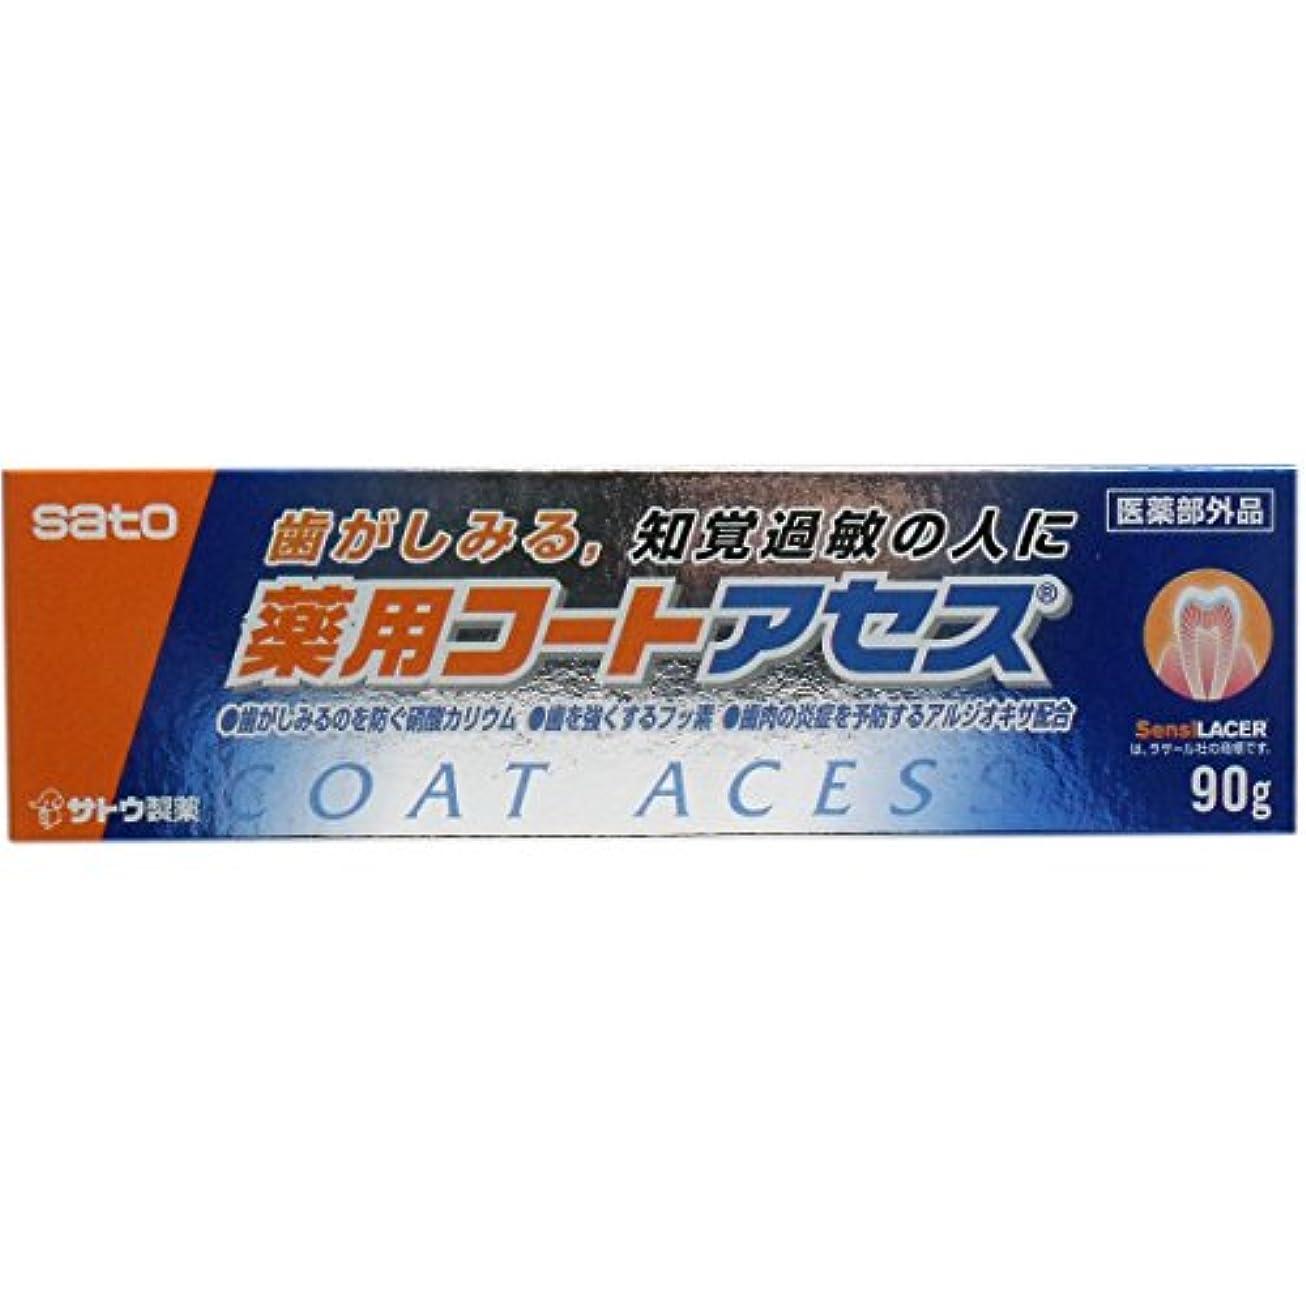 ヒット産地靄サトウ製薬 薬用コートアセス 薬用歯みがき 90g ×8個セット